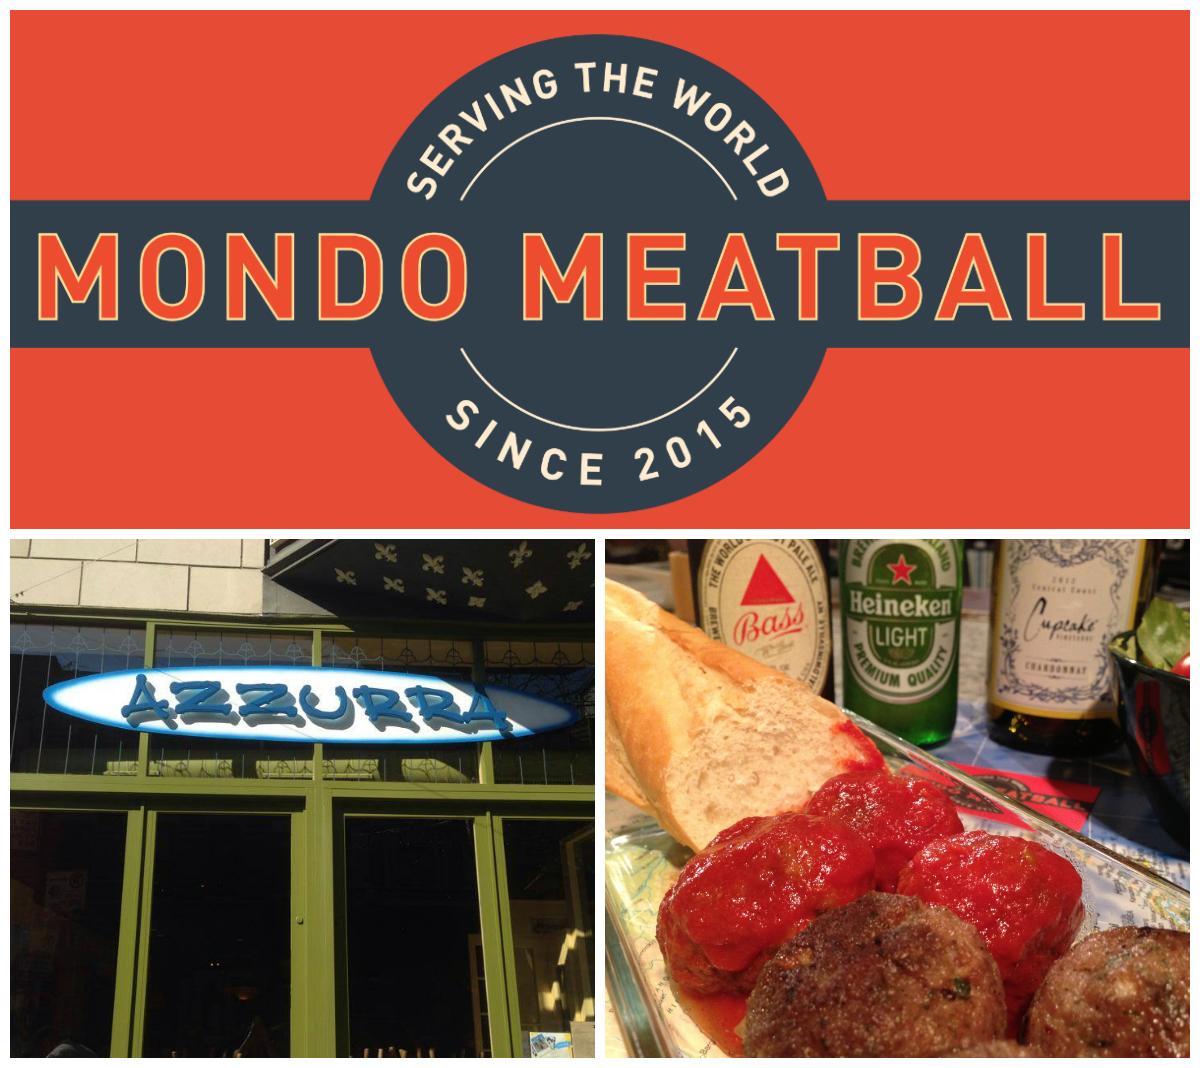 Mondo Meatball